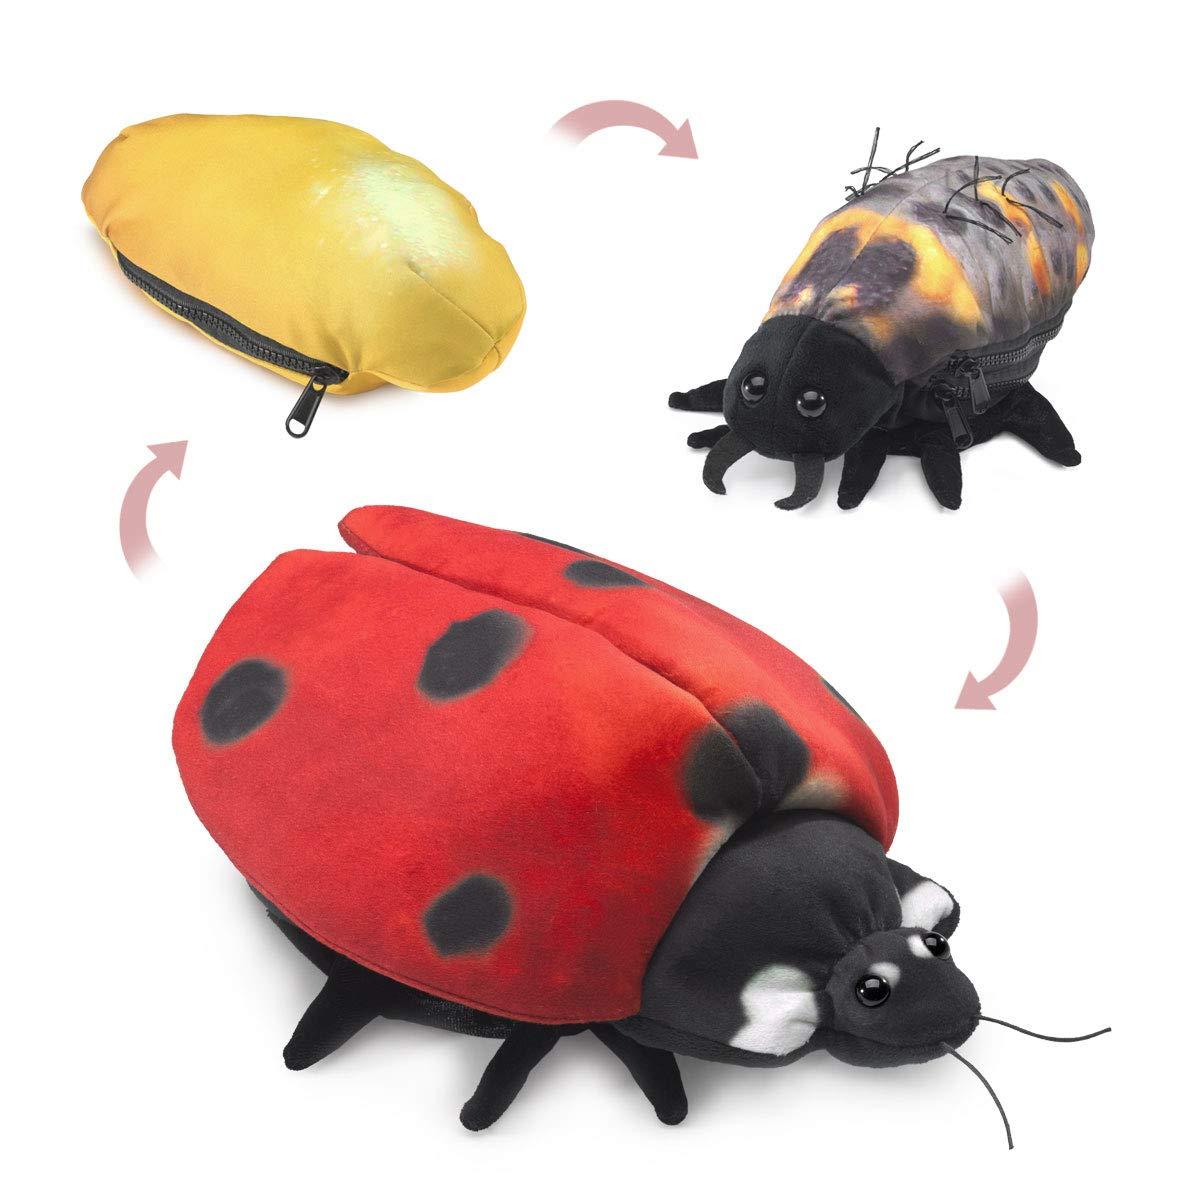 Folkmanis Ladybug Life Cycle Reversible Hand Puppet